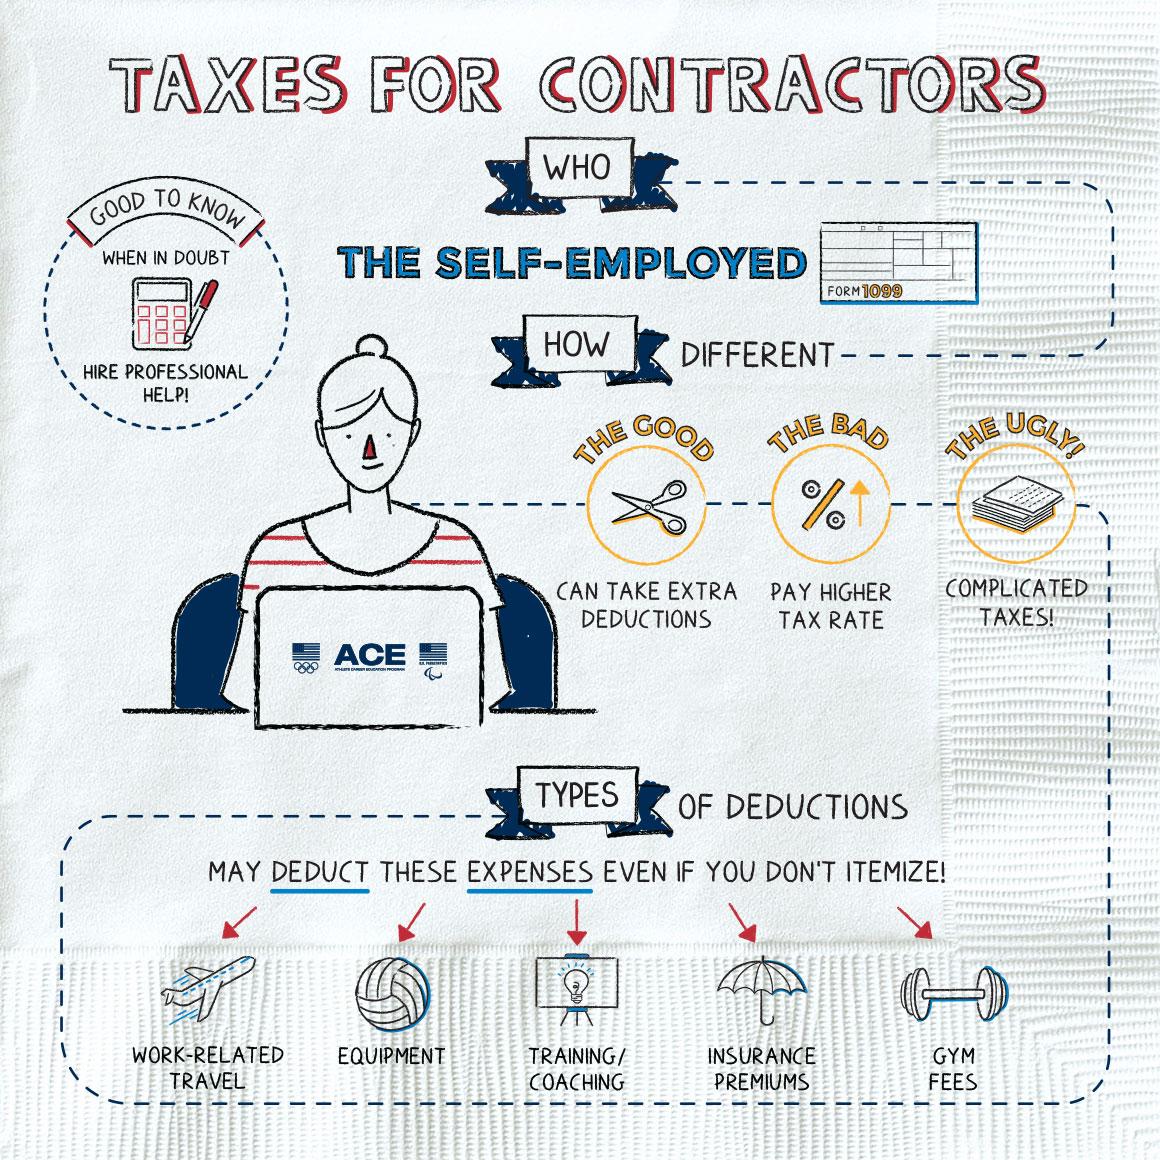 NapkinFinance-USOPC-Taxes-For-Contractors-Napkin-05-06-19-v04-1160x1160